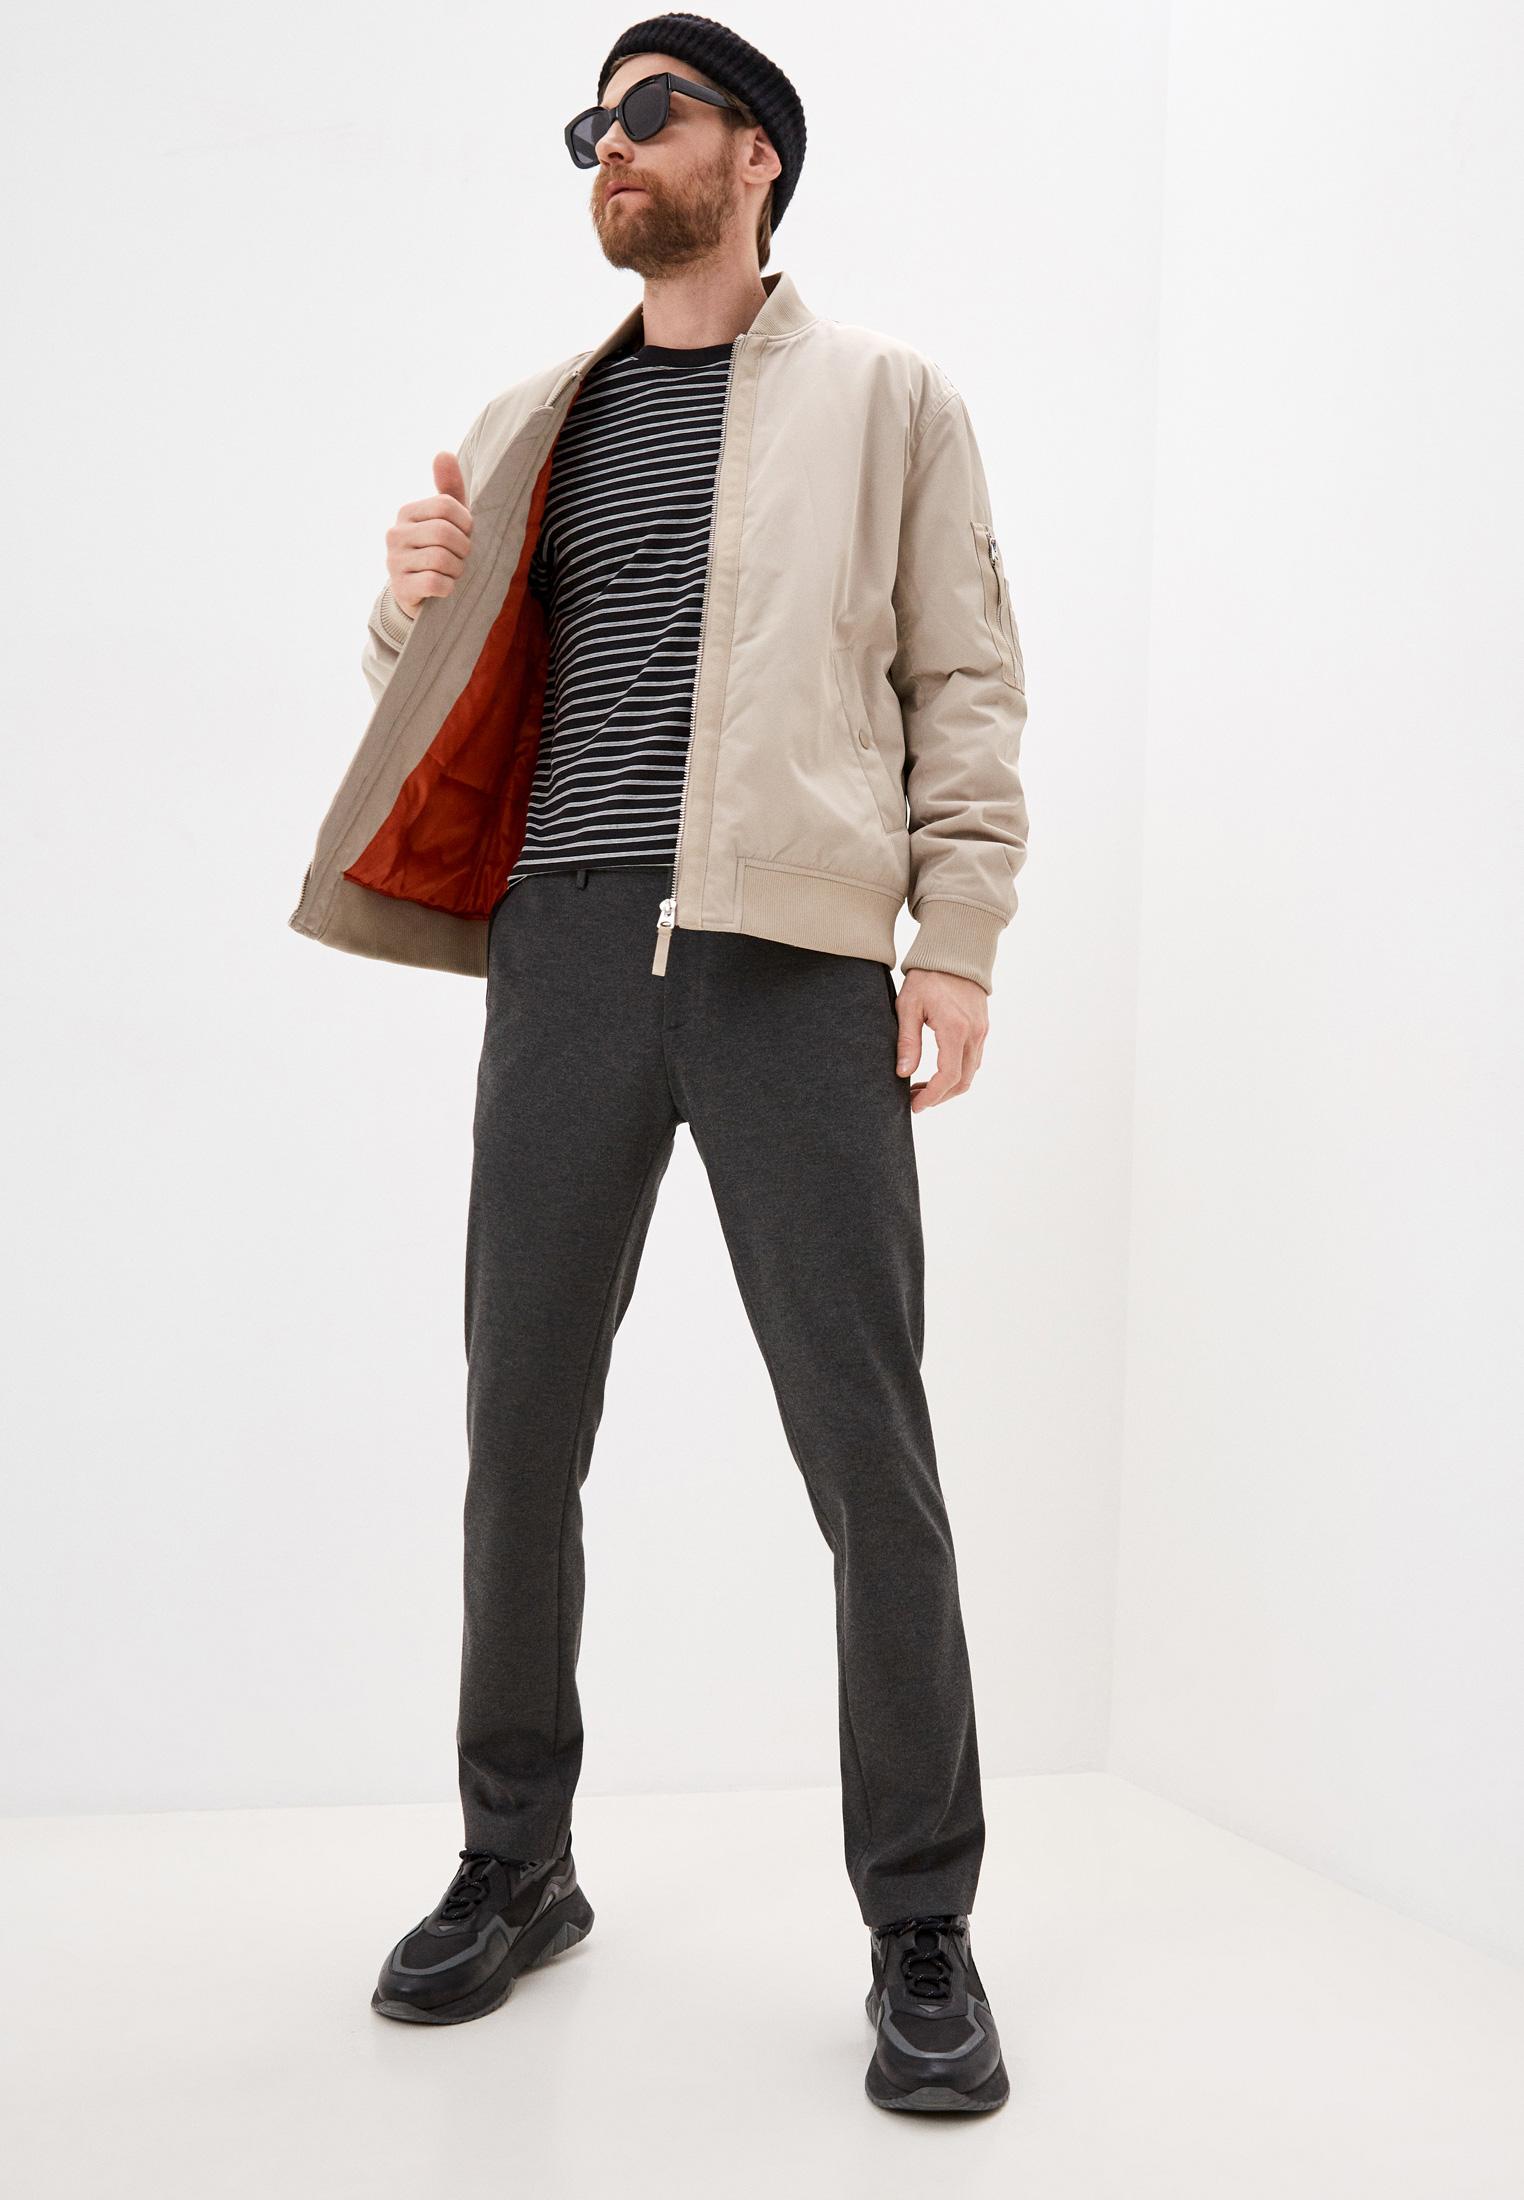 Мужские повседневные брюки Bikkembergs (Биккембергс) C 1 061 80 E 1969: изображение 3